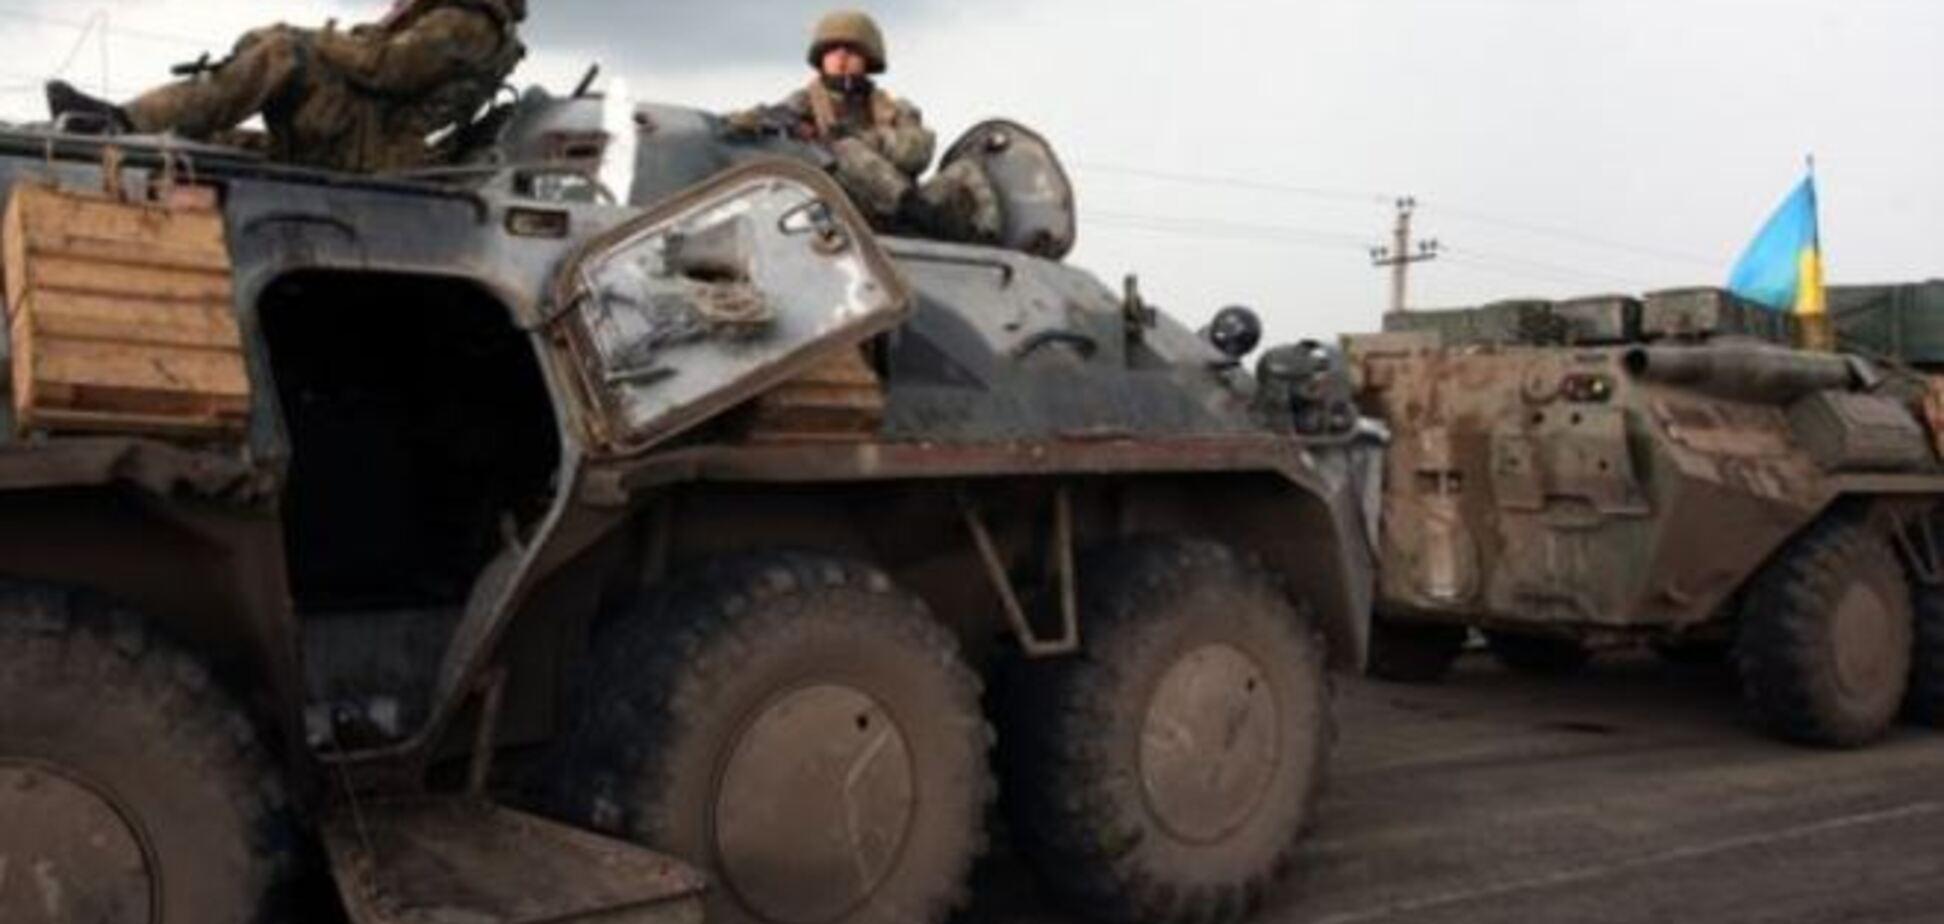 Очередная дезинформация от российских СМИ: украинские военные в Славянске под наркотиками